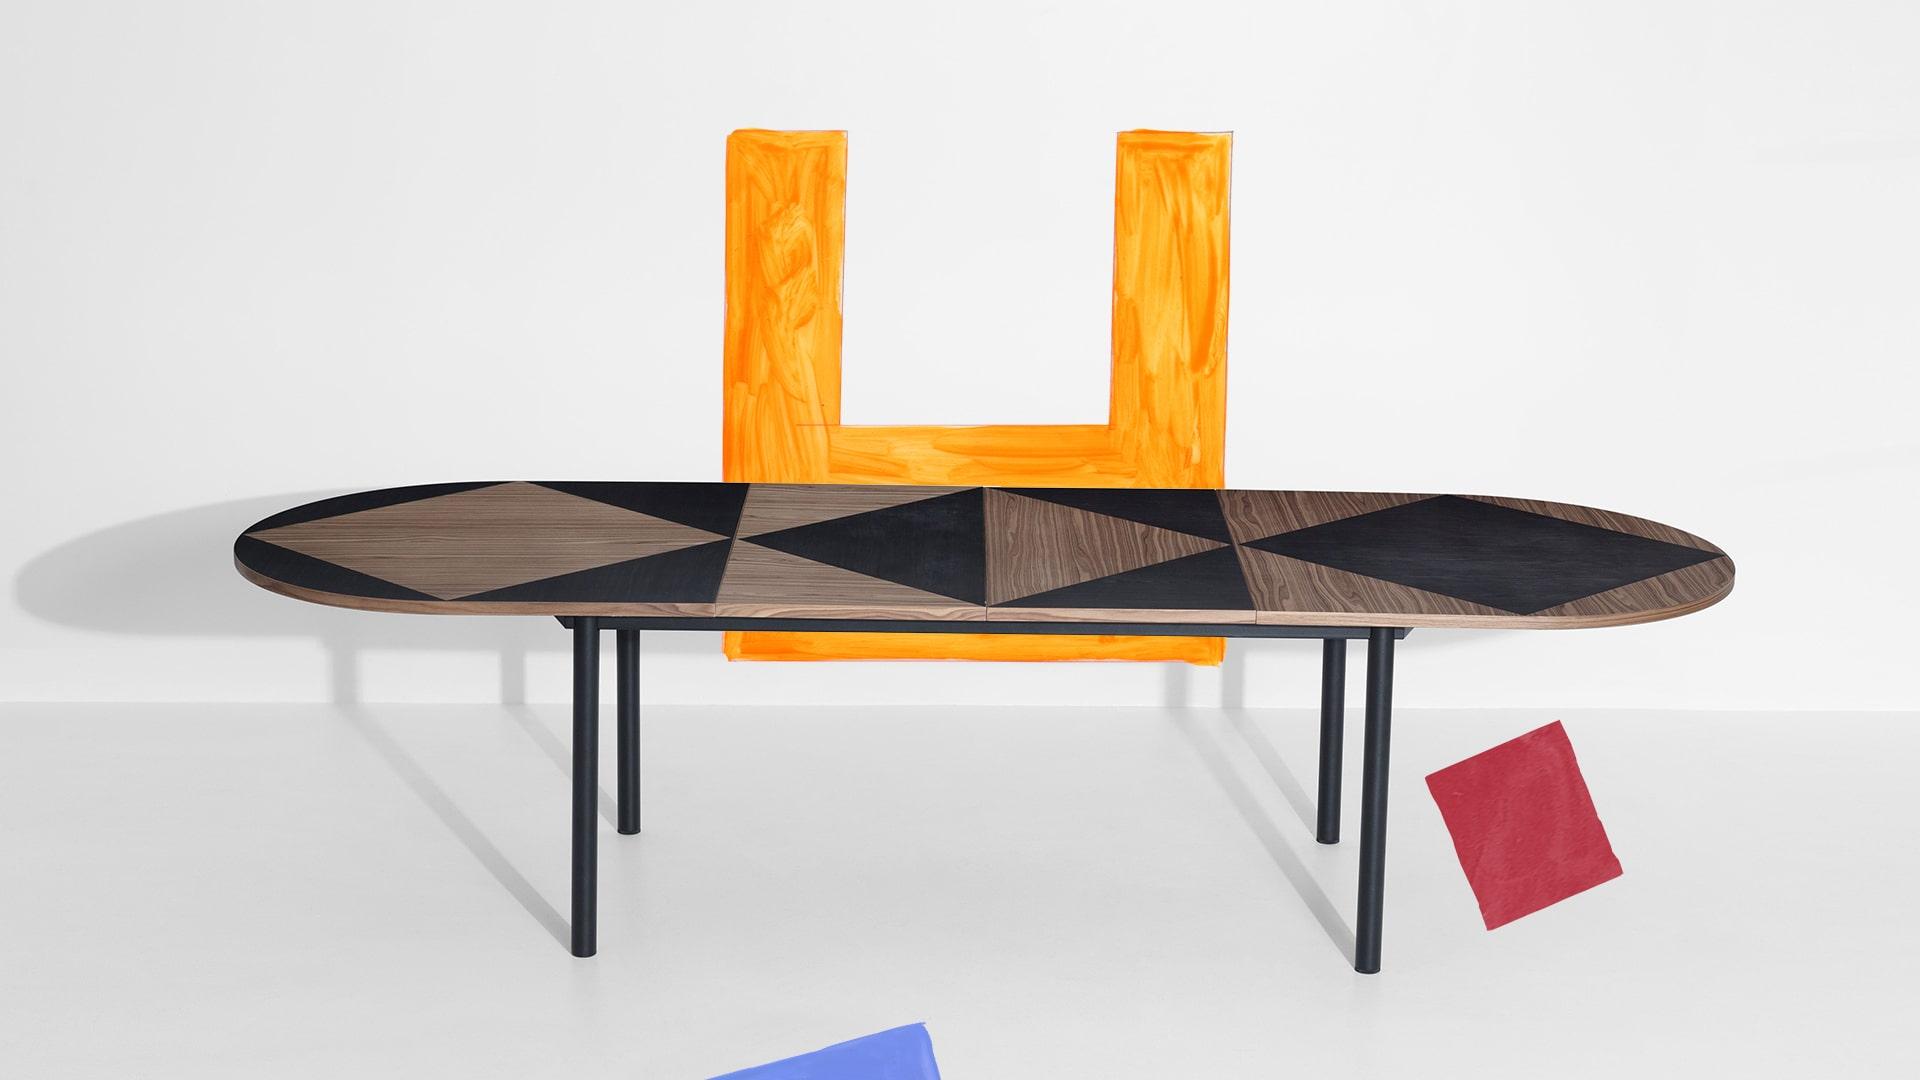 Table Tavla - Studio Pool pour Petite Friture